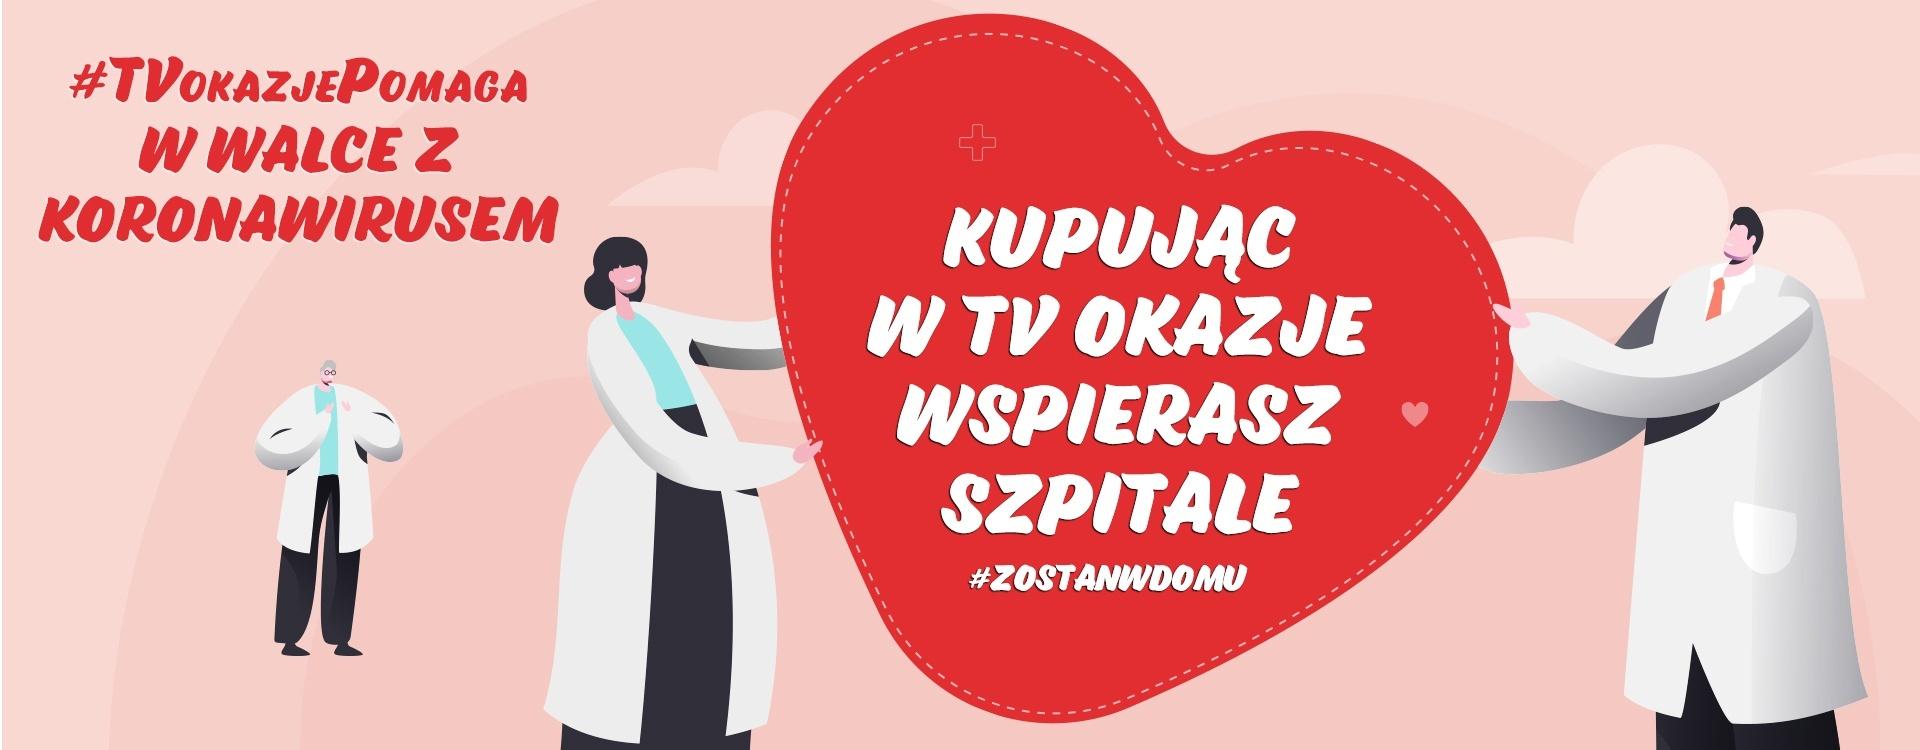 #TVOkazjePomaga w walce z koronawirusem - Kupując w TV Okazje wspierasz szpitale - #Zostańwdomu